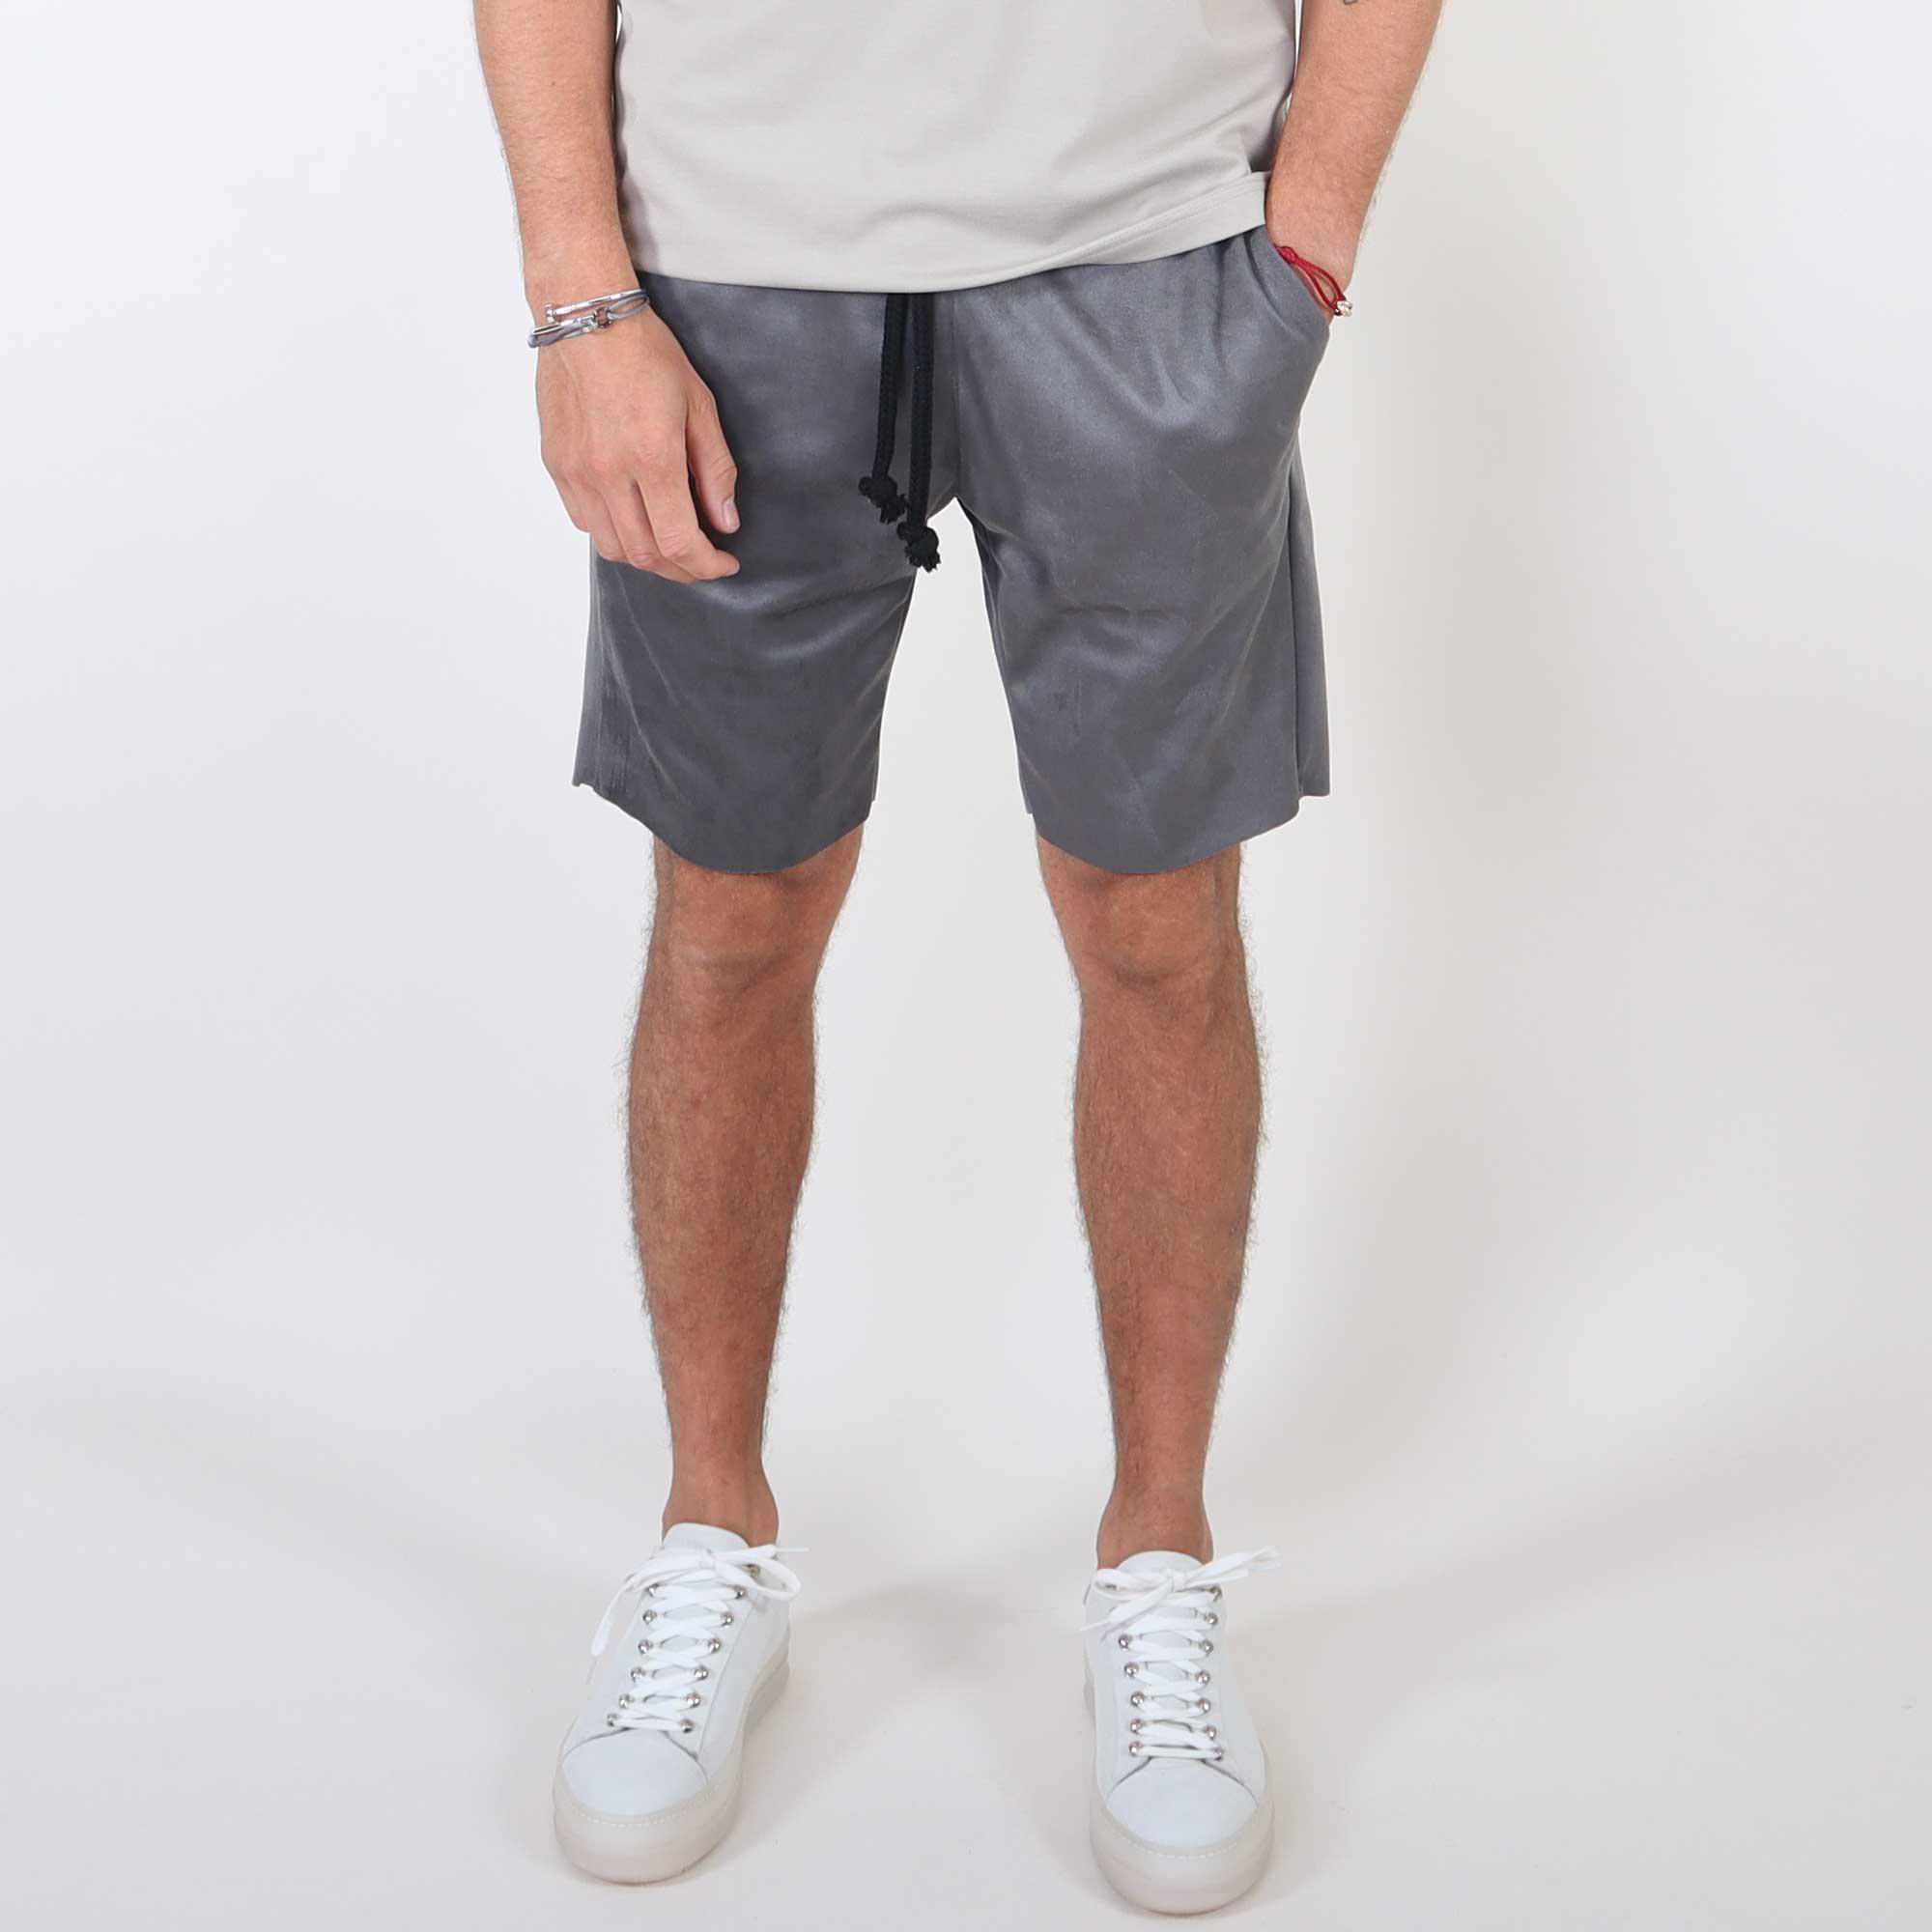 suede-short-grey-2